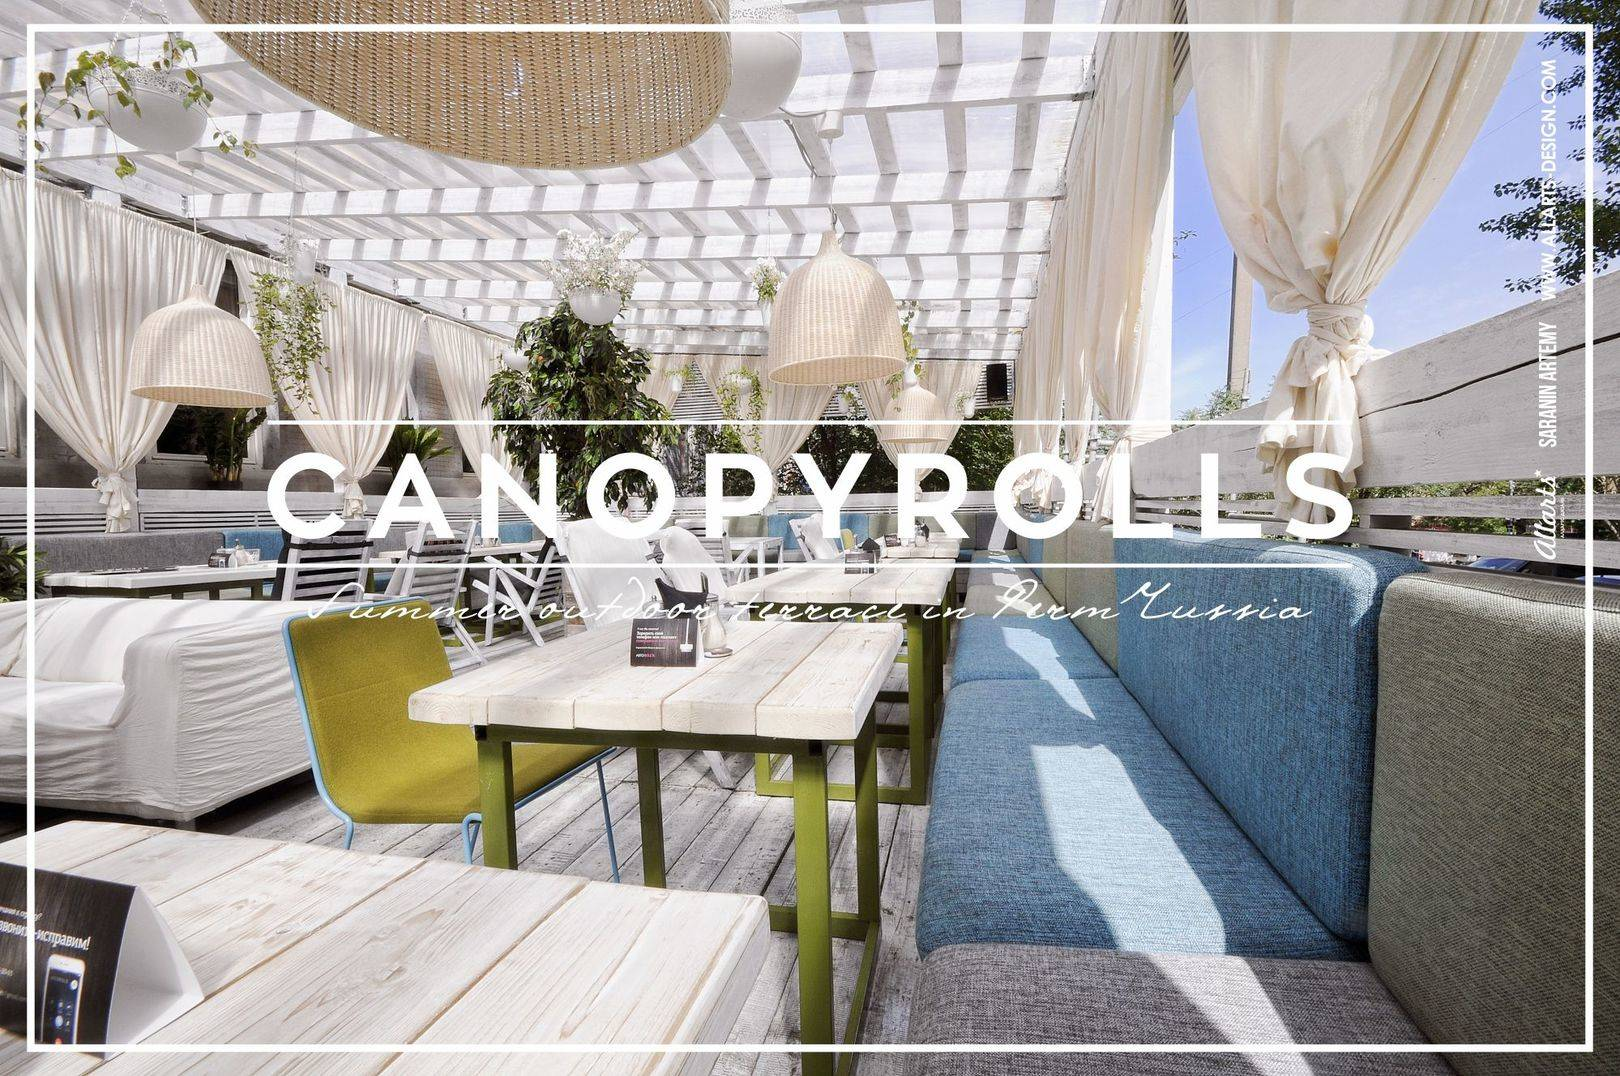 Дизайн интерьера летней веранды CanopyRolls